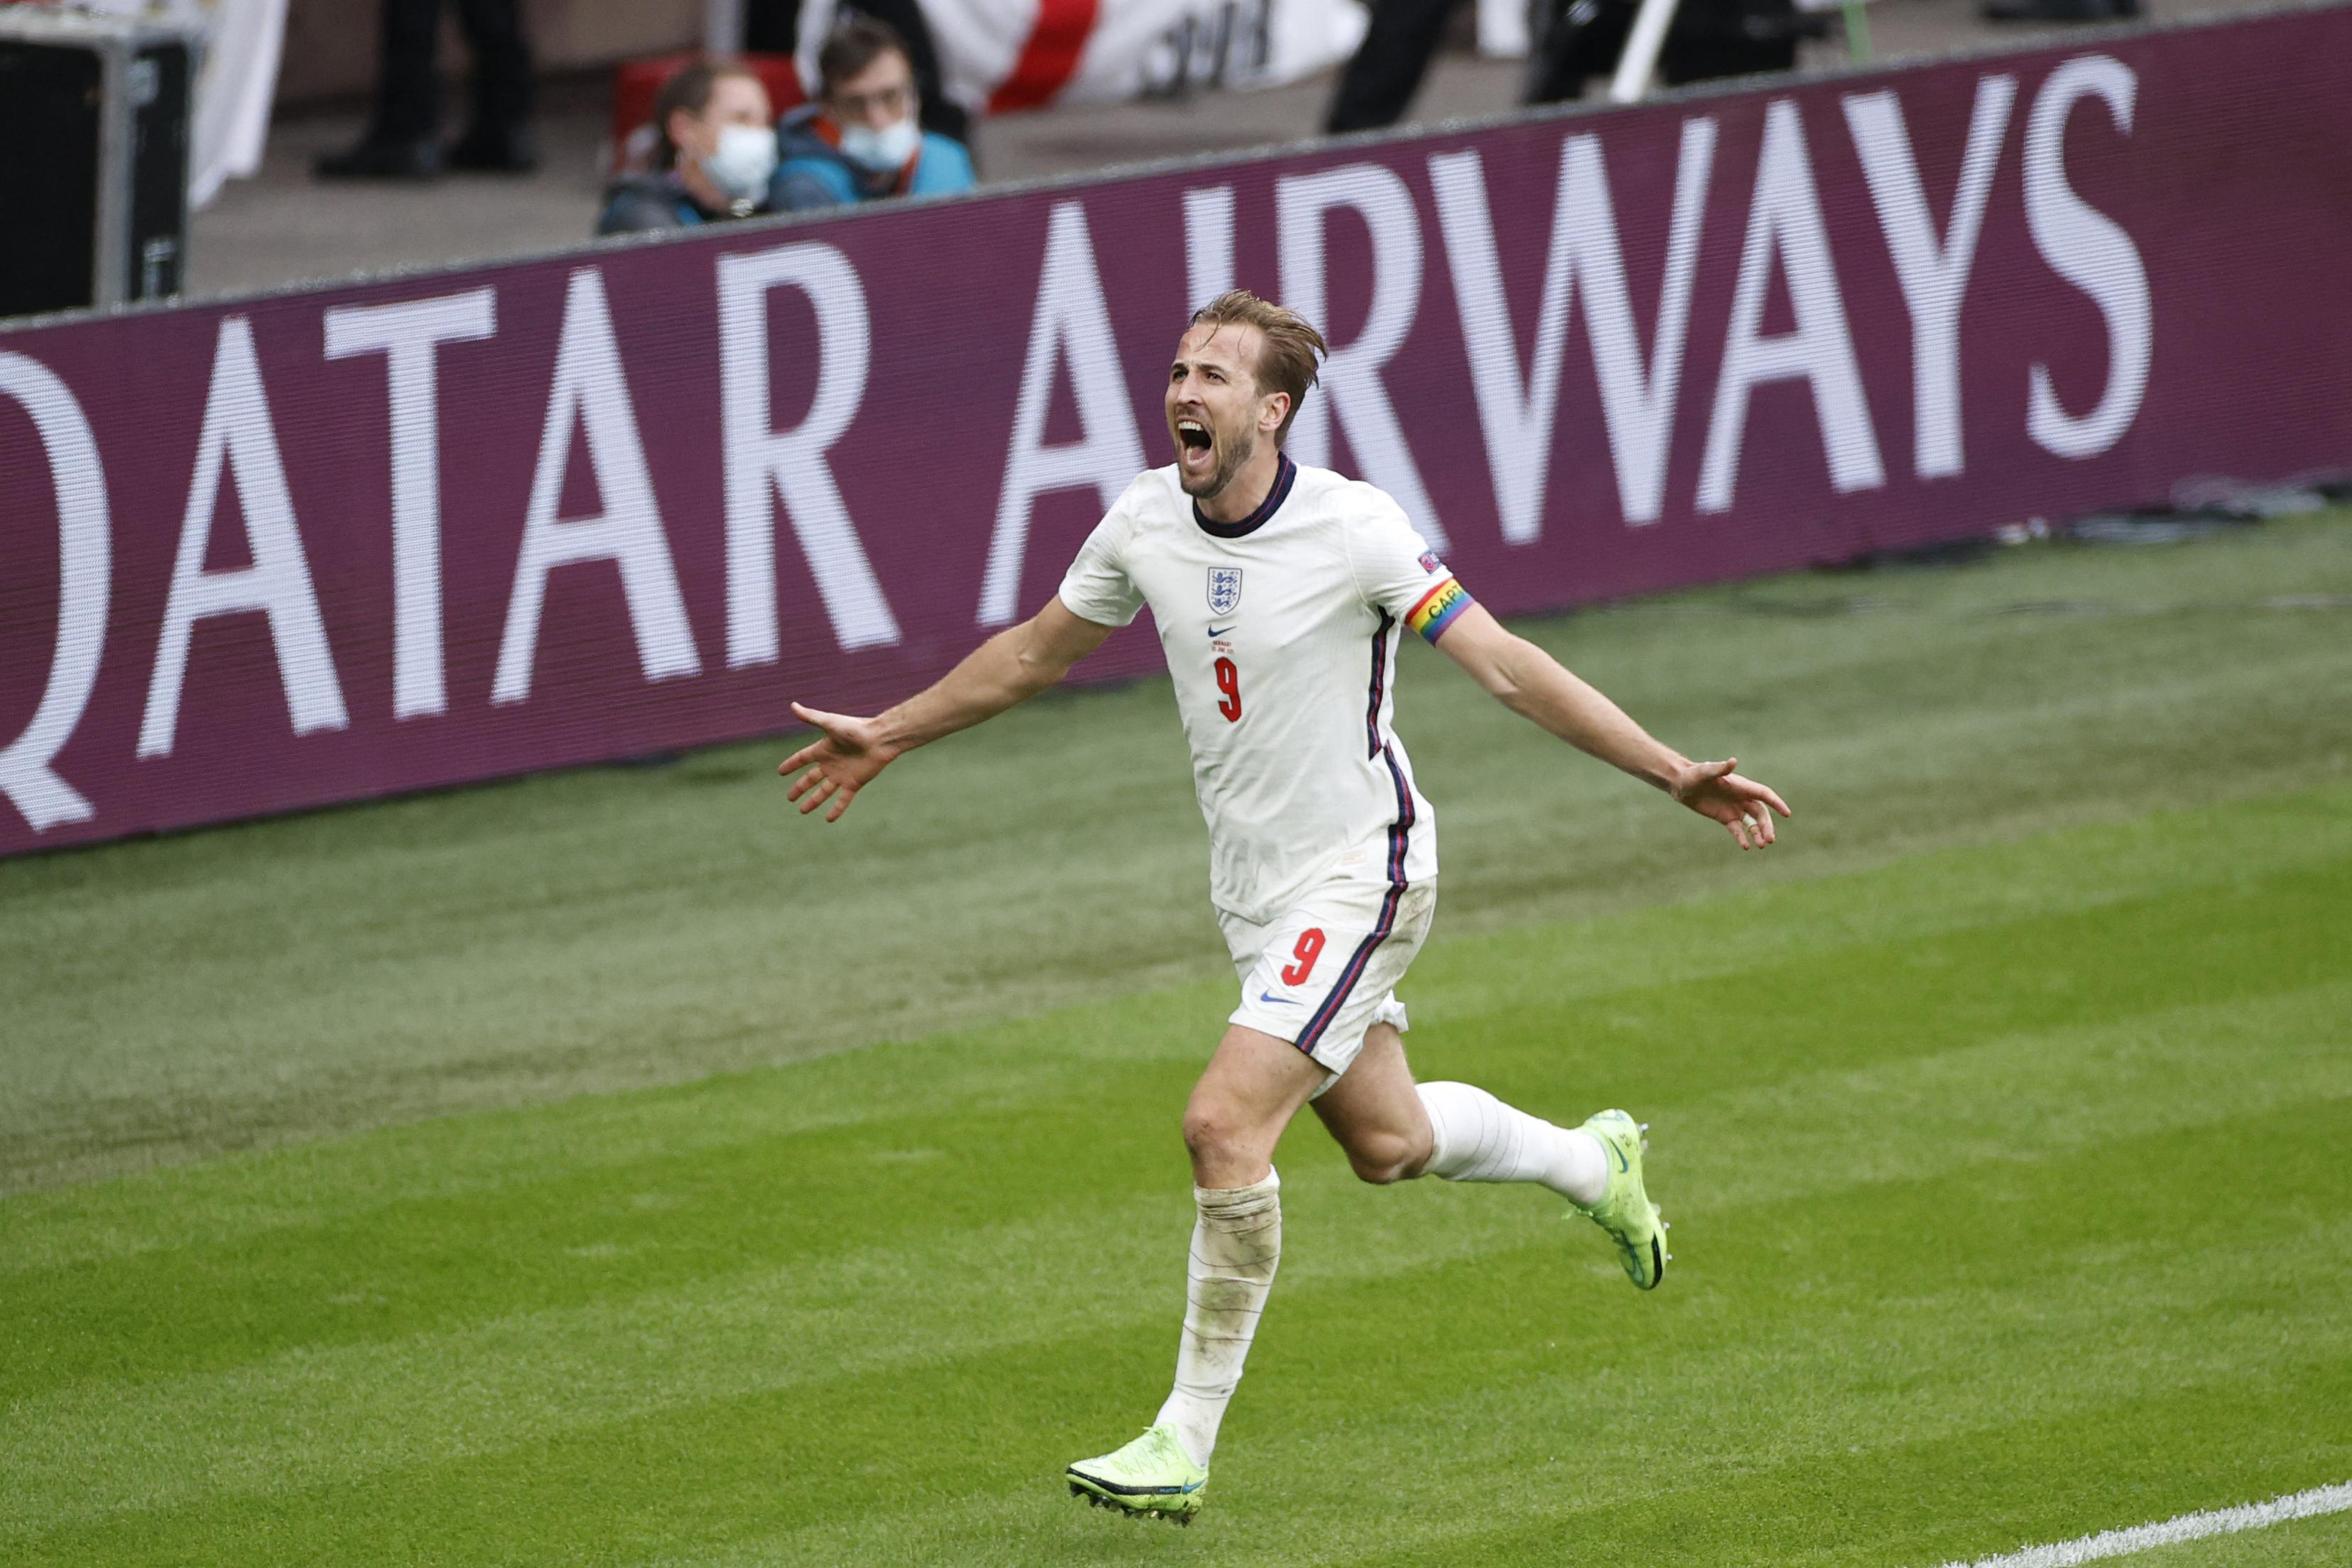 Hangrobbanás a Wembley-ben, Anglia 2-0-ra kiütötte Németországot